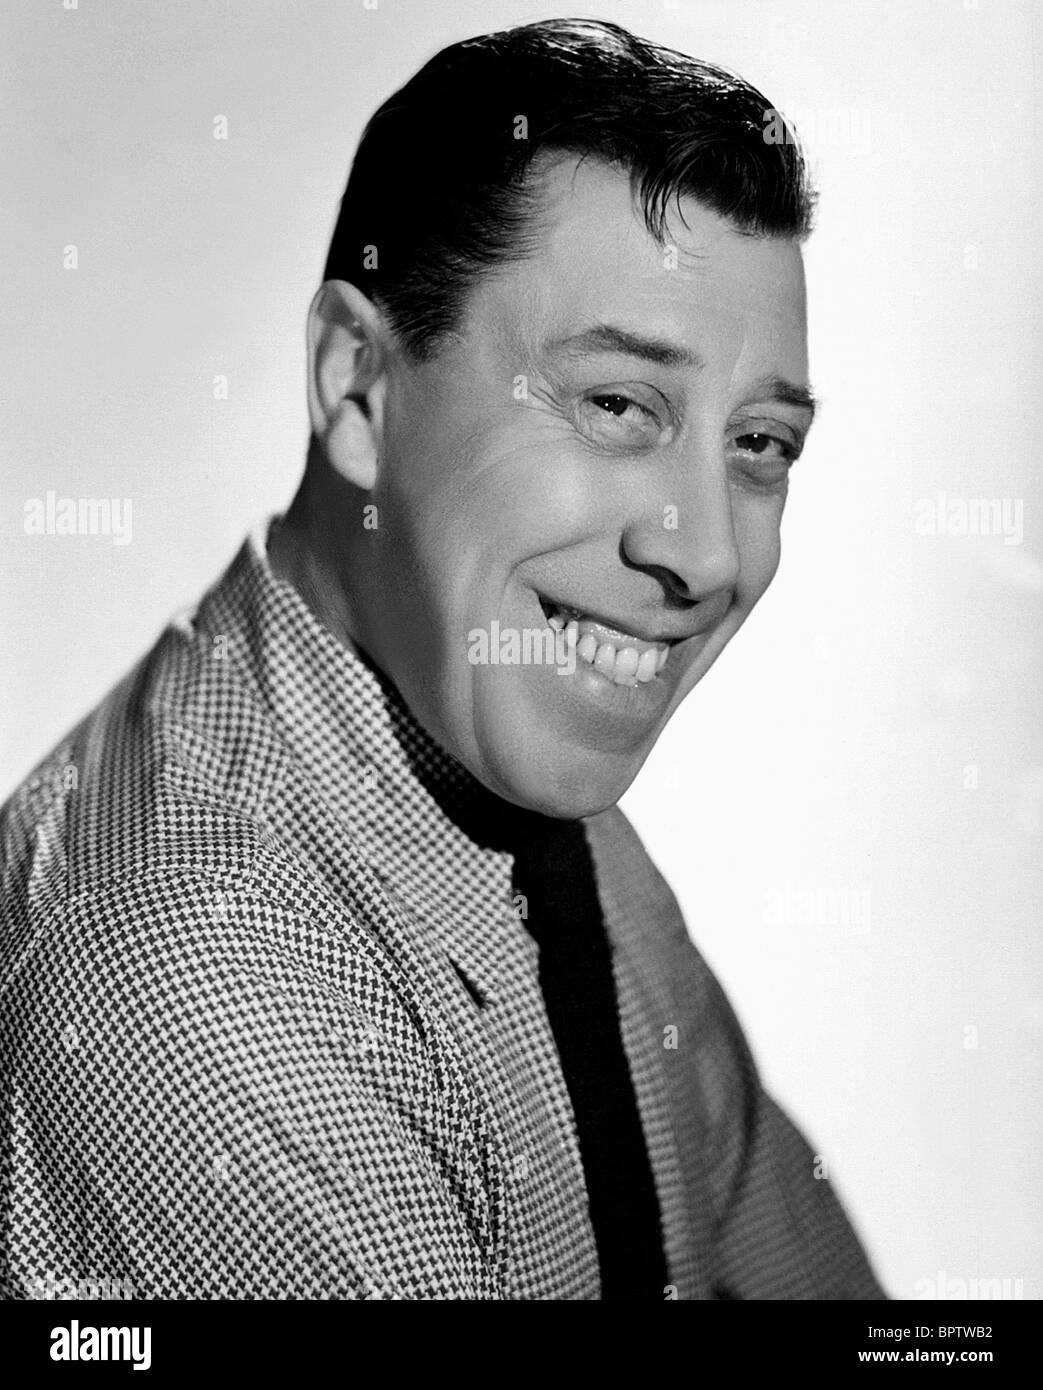 FERNANDEL ACTOR (1955) - Stock Image